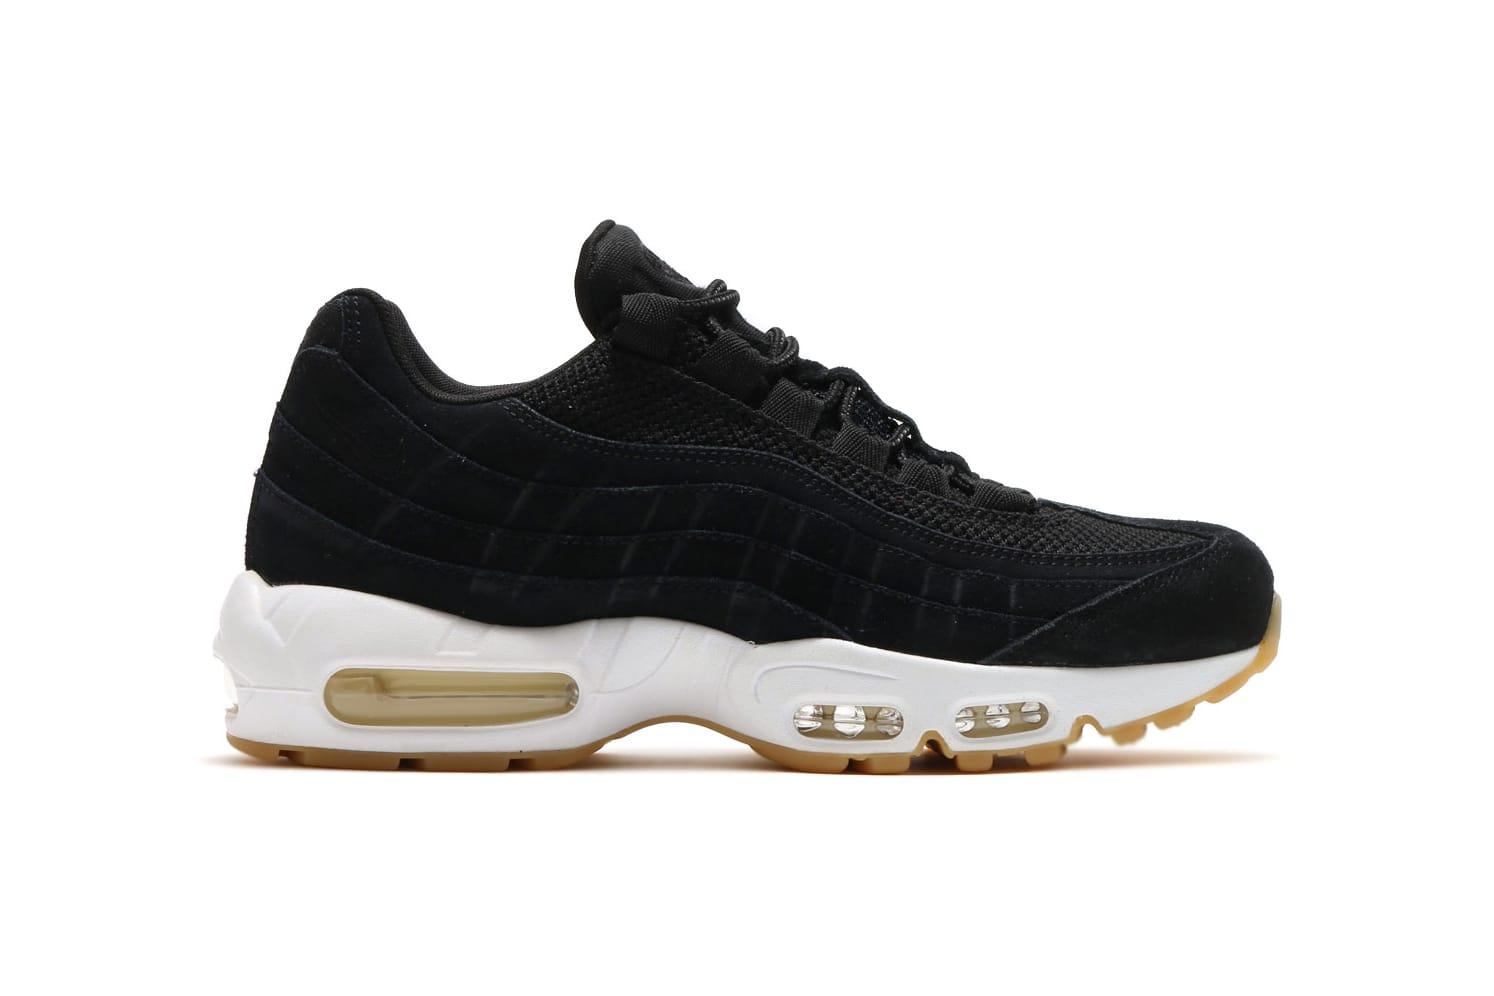 Nike Air Max 95 PRM Black/Muslin-White